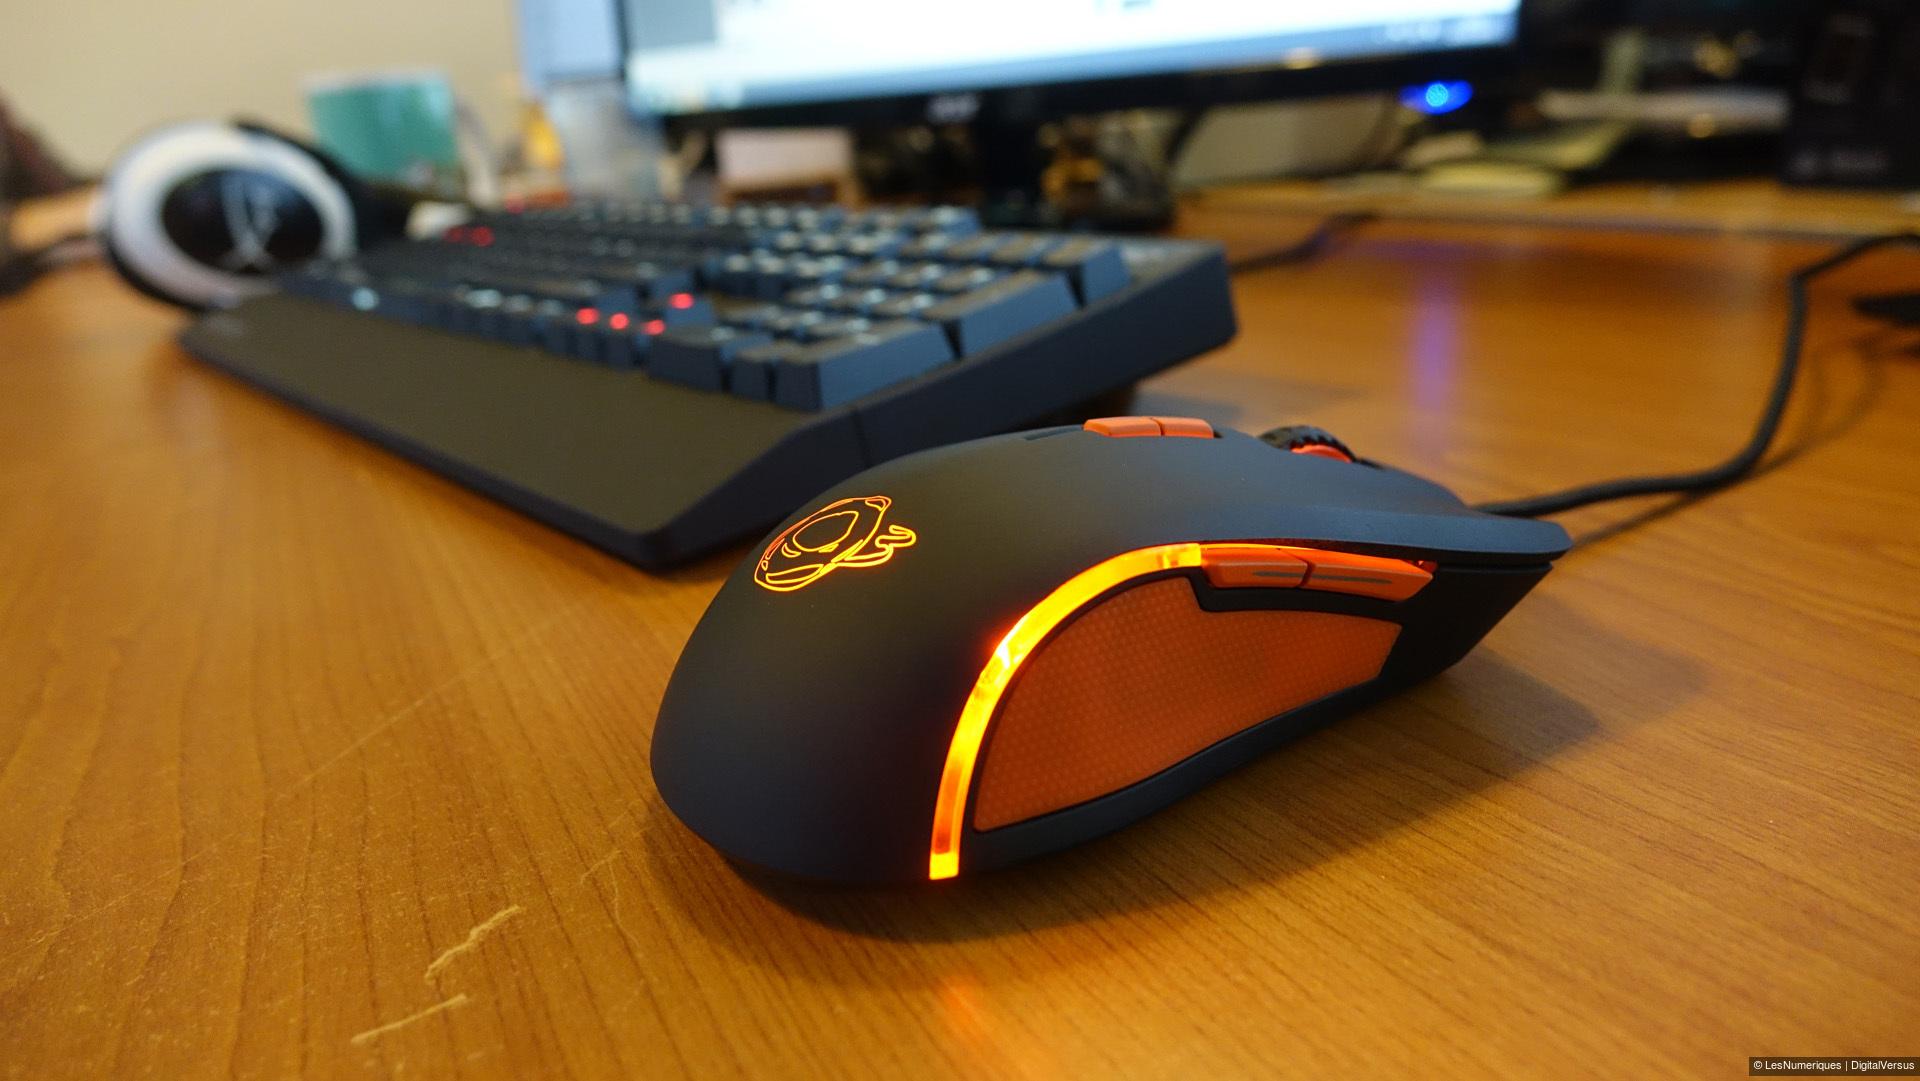 La souris d'un ordinateur : un périphérique indispensable